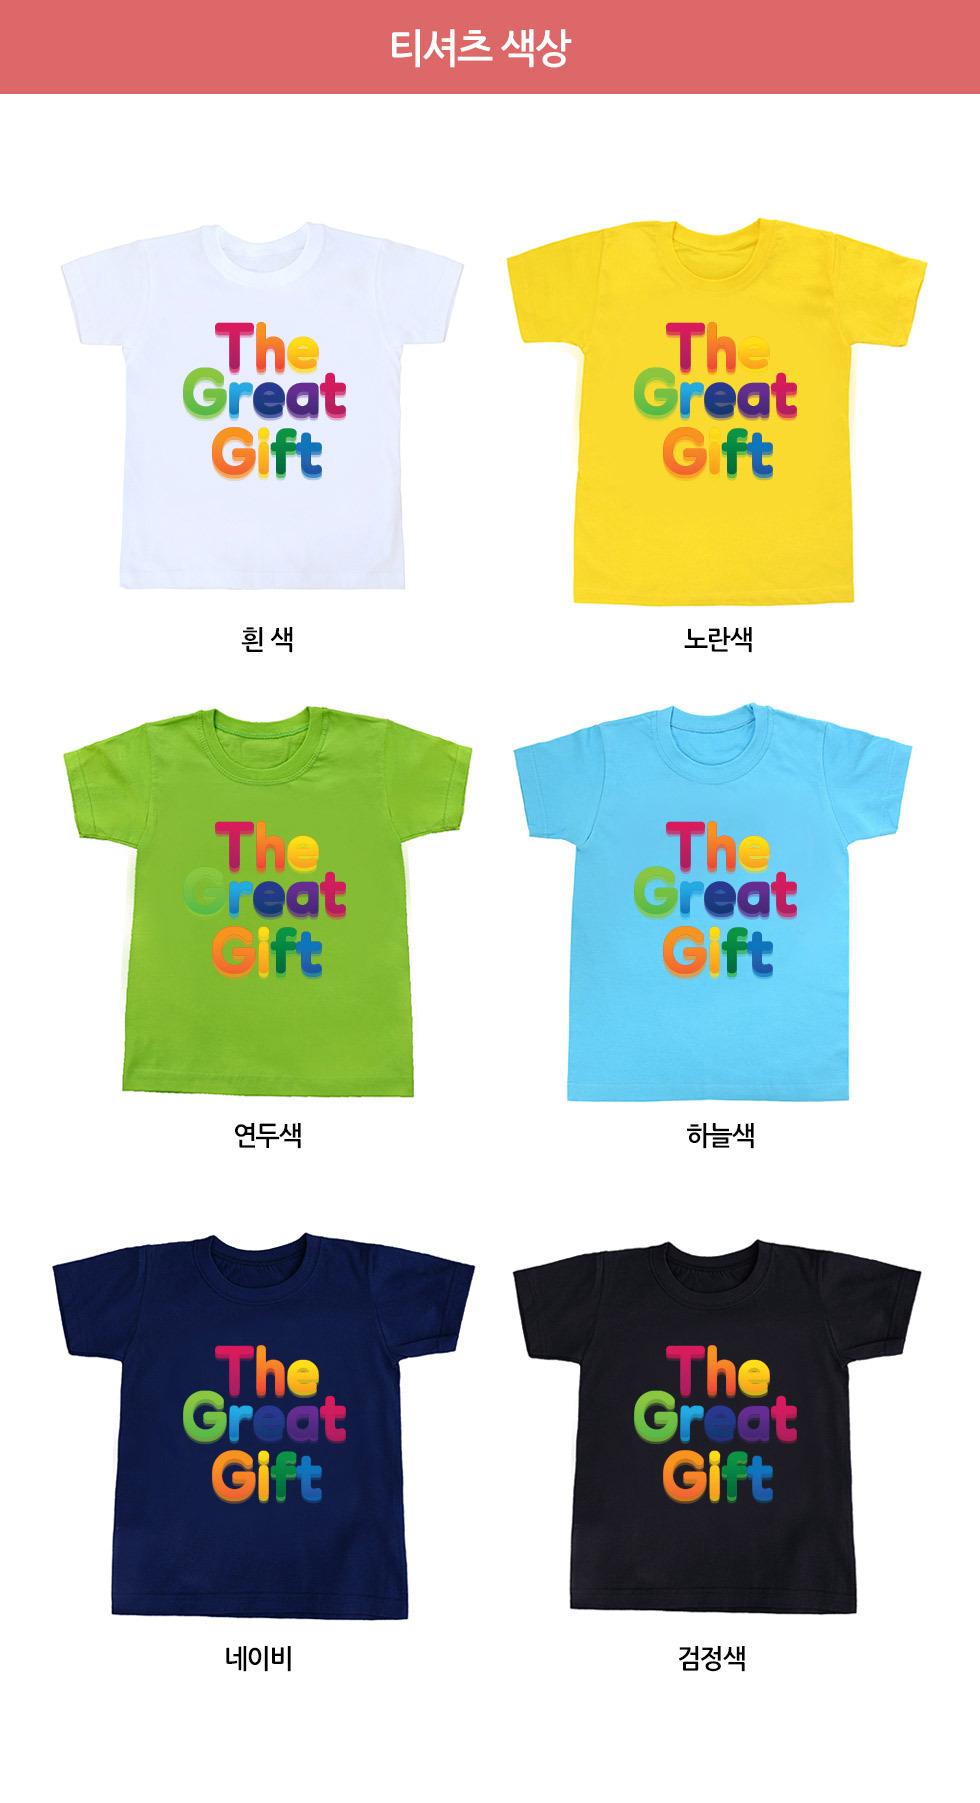 교회 단체티셔츠 위대한선물 - 무지개 (The Great Gift) - 아동티셔츠(예장 합동 교단 여름성경학교 주제티셔츠 - 위대한선물)